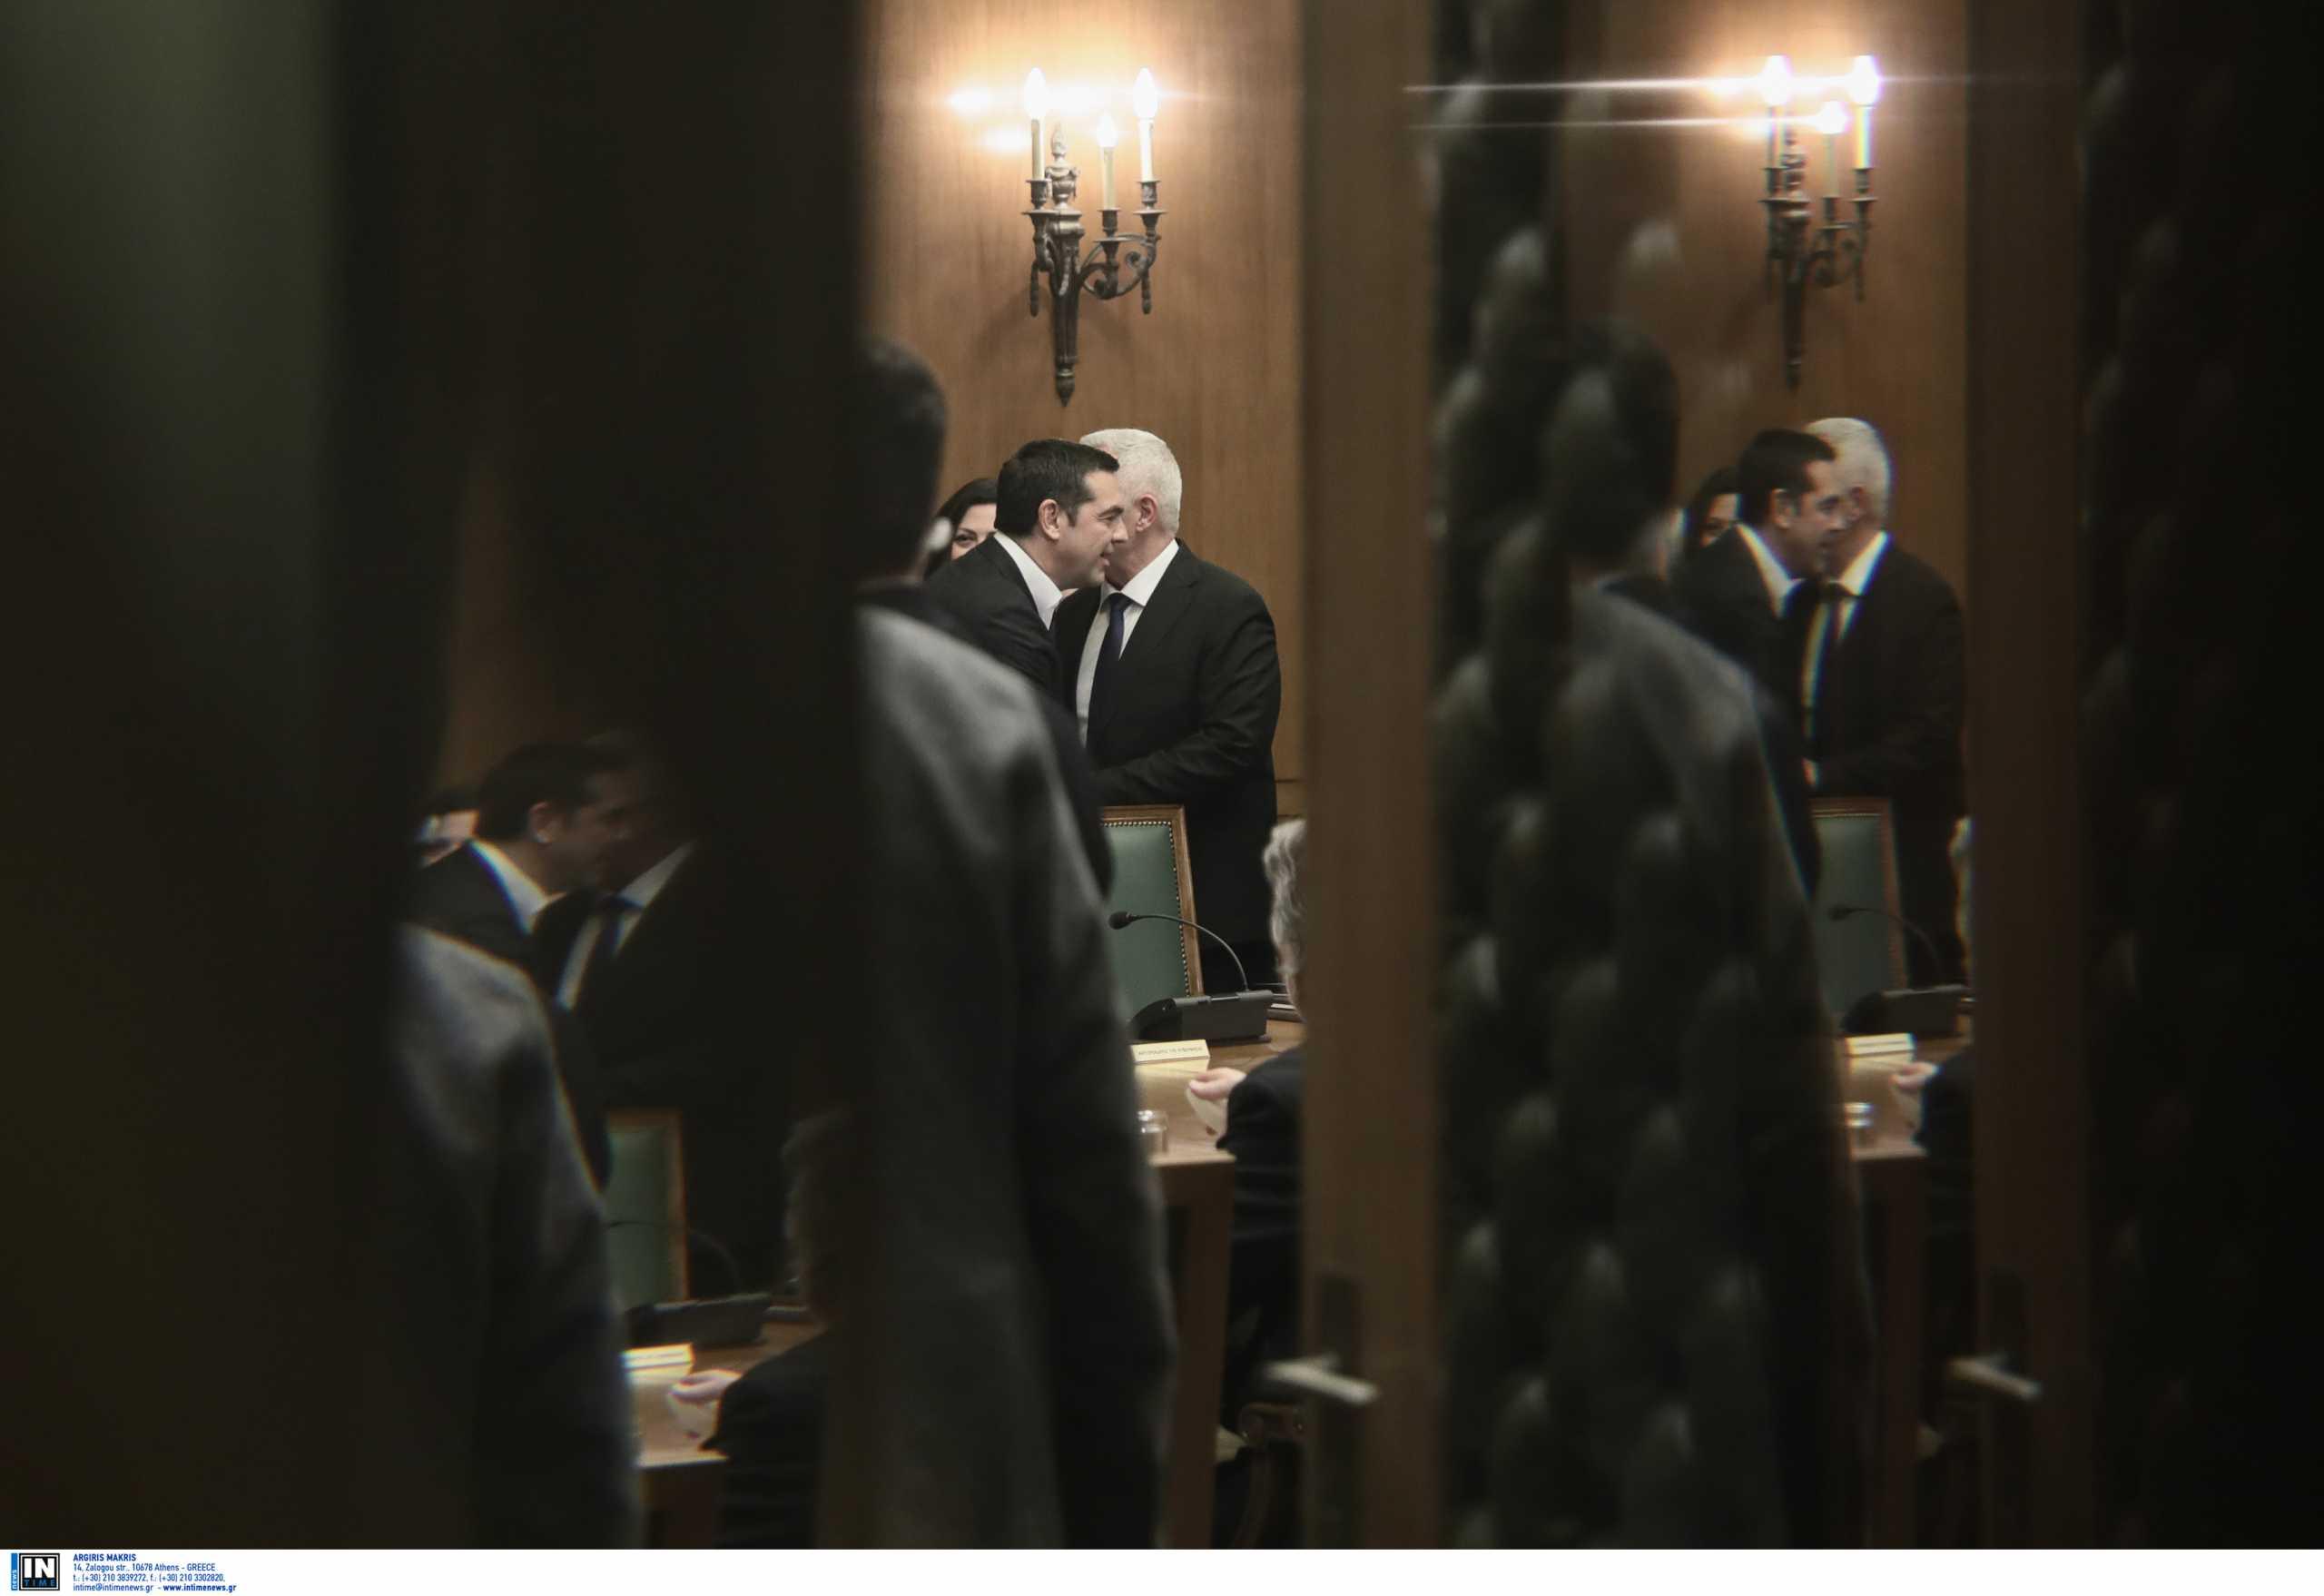 Ευάγγελος Αποστολάκης σε Αλέξη Τσίπρα: Πρόεδρε με παγίδευσαν, μου είπαν ότι υπάρχει συναίνεση